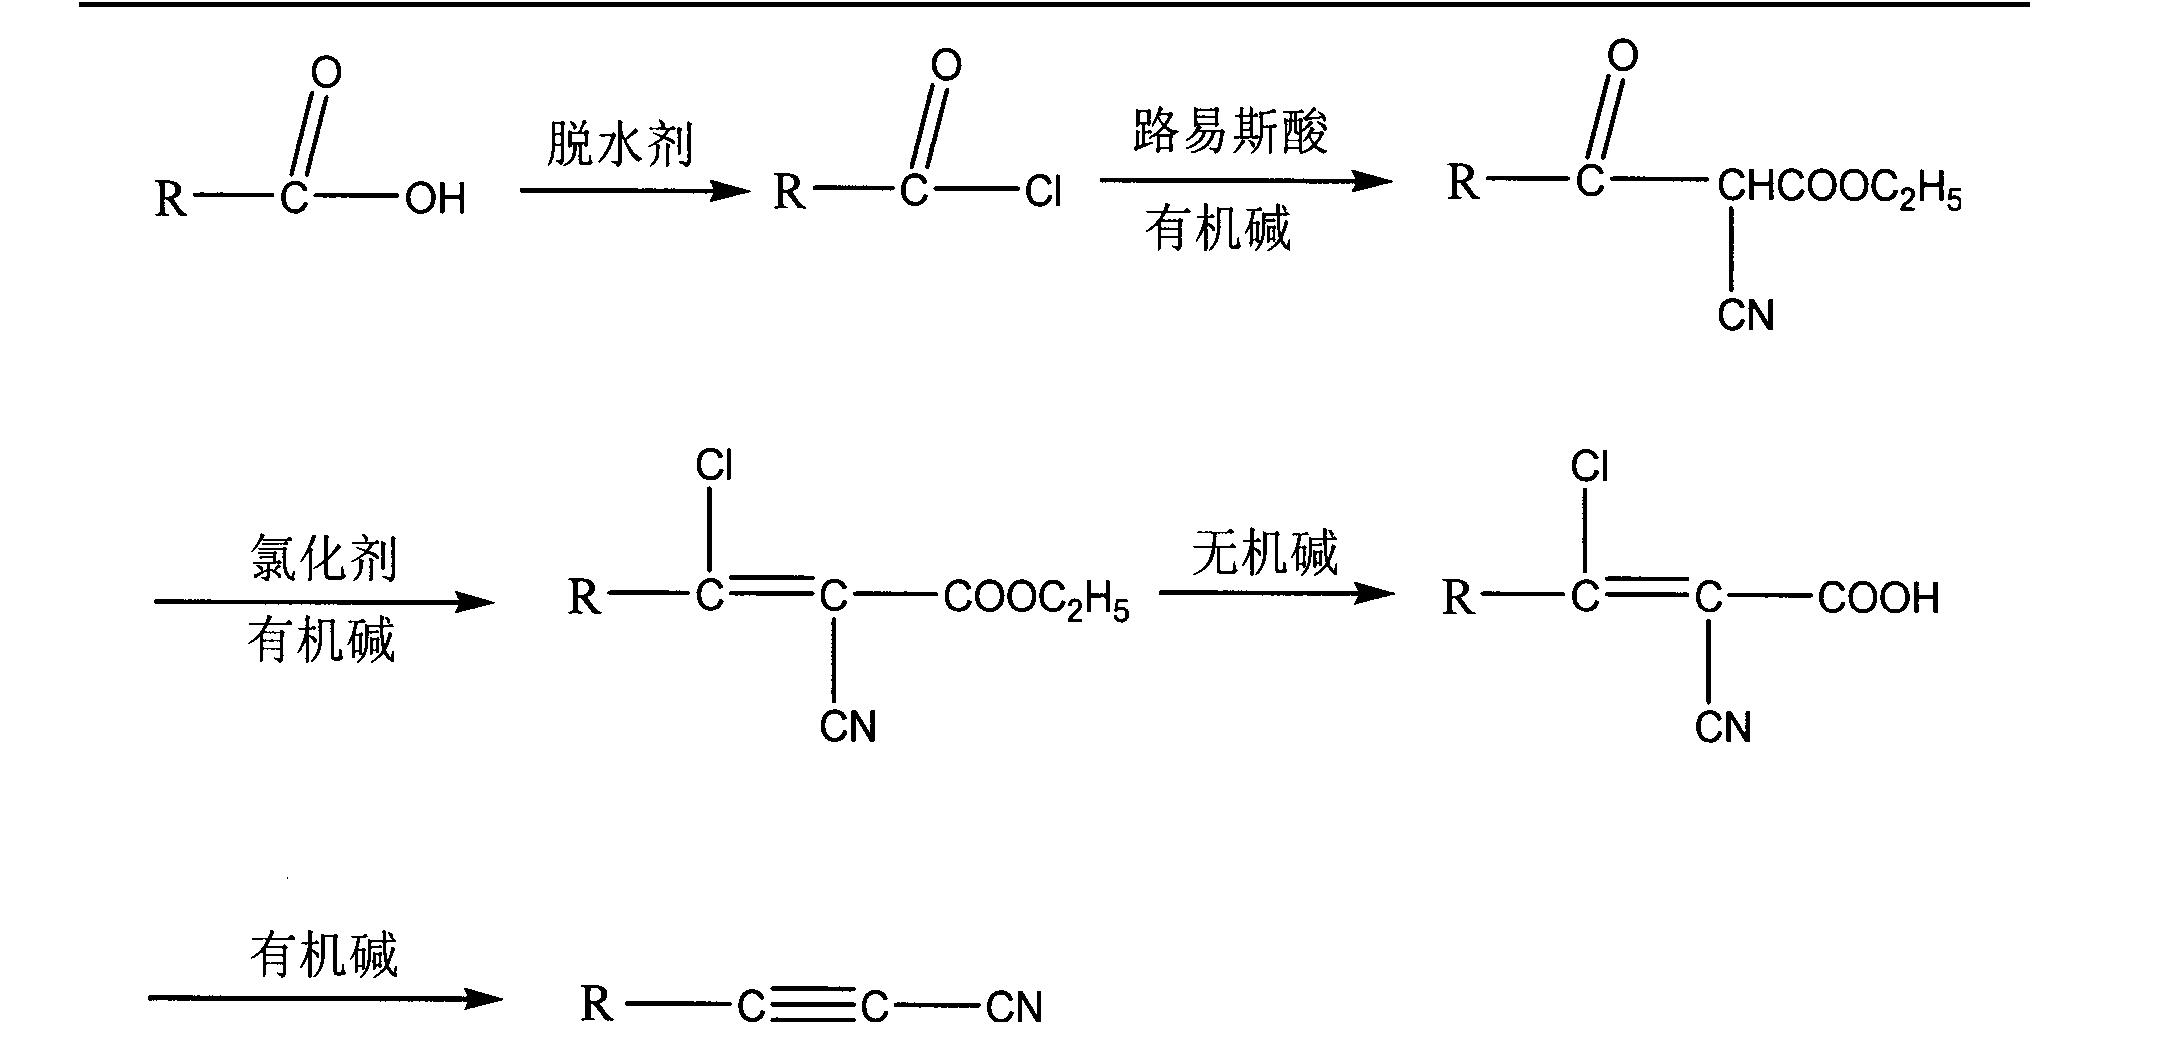 [0022] 上述的丙炔腈类衍生物的合成方法,步骤I)中所述的脱水剂选用氯化压砜、三氯氧磷、草酰氯中的任一种或二种以上的混合物。 [0023] 上述的丙炔腈类衍生物的合成方法,步骤2)中所述的路易斯酸选用无水氯化镁或无水氯化钙,反应中用到的溶剂为四氢呋喃、乙腈、二氧六环中的任一种或二种以上的混合物,氰乙酸乙酯用氰乙酸甲酯或氰乙酸异丙酯代替。 [0024] 上述的丙炔腈类衍生物的合成方法,步骤3)所述的氯化剂为五氯化磷、三氯化磷、三氯氧磷、三光气中的任一种或二种以上的混合物,所述的氯化反应在催化剂下进行,